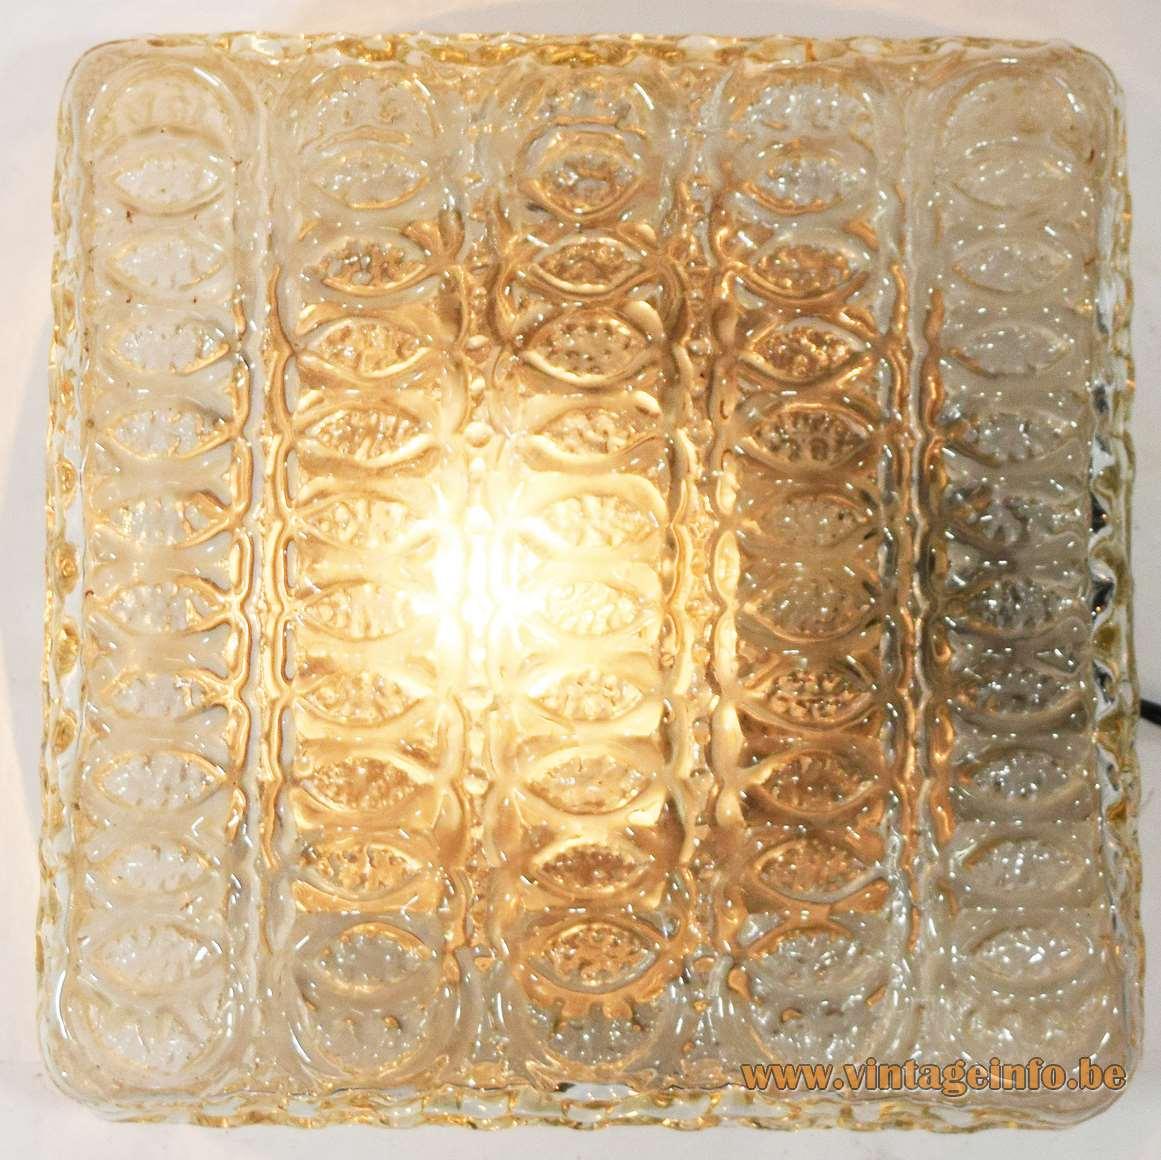 Square amber glass flush mount ceiling lamp embossed 1960s Glashütte Limburg Germany MCM E27 socket 1970s